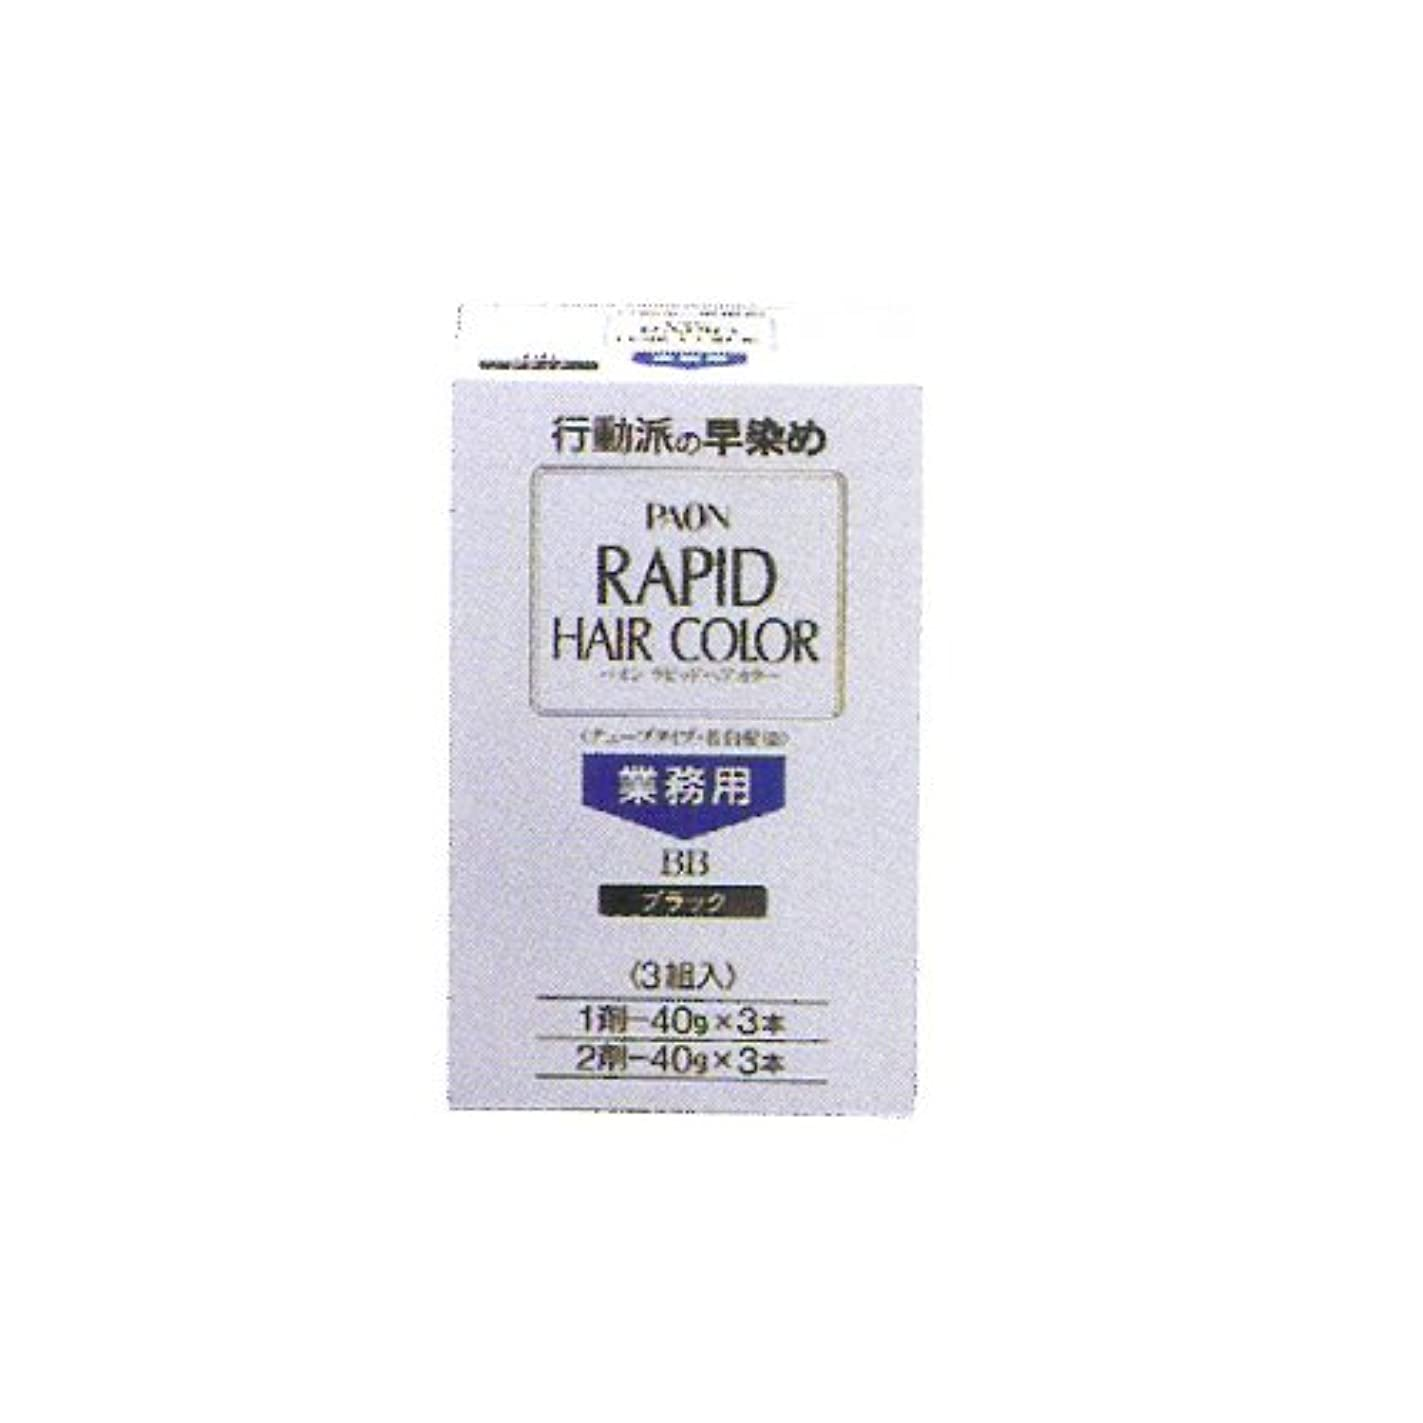 合成単調な寛容パオンラピッド ヘアカラー 業務用(3組入) BB(ブラック)